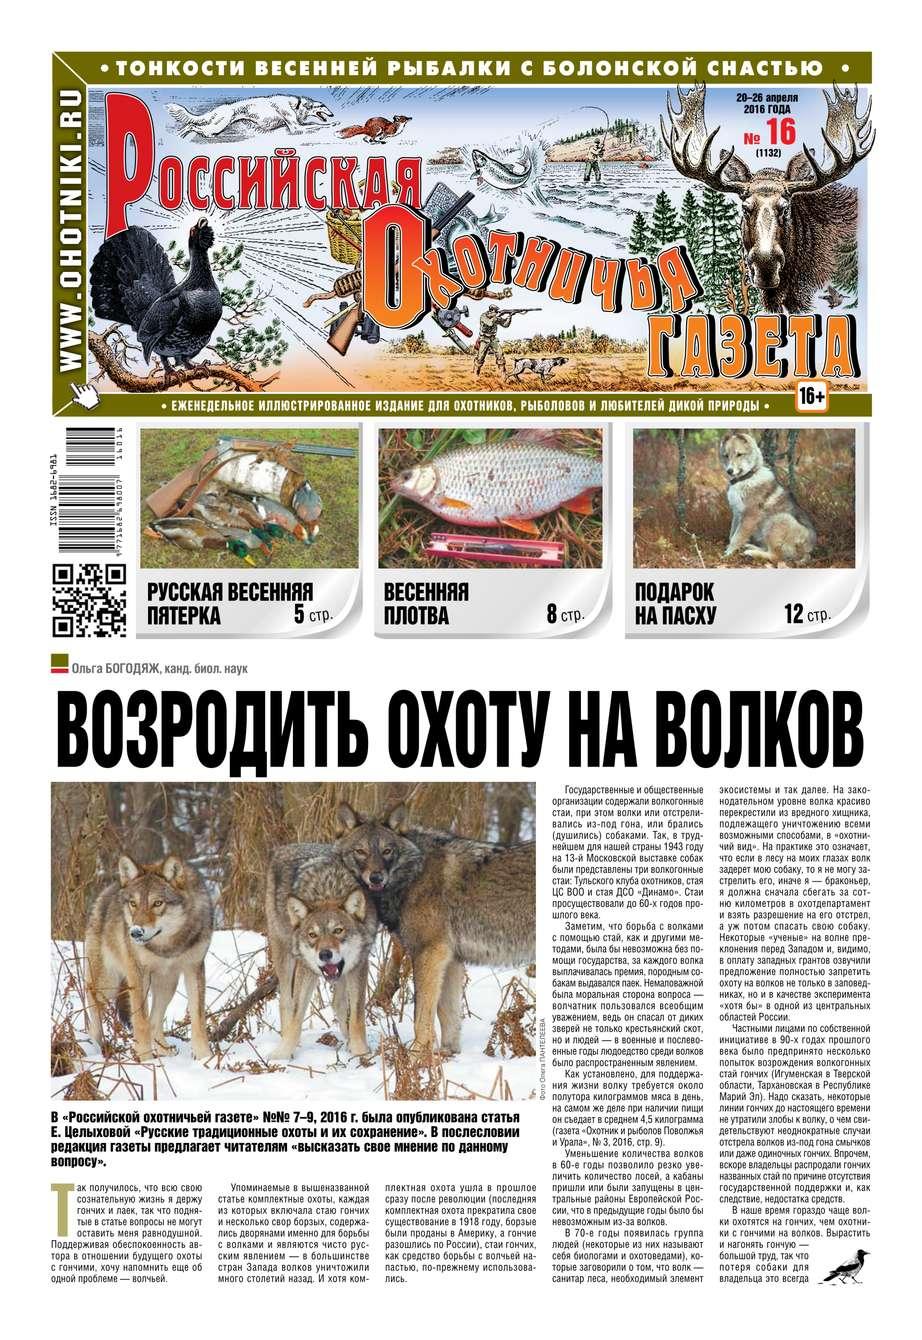 Редакция газеты Российская Охотничья Газета Российская Охотничья Газета 16-2016 акриловая ванна riho neo 140x140x49